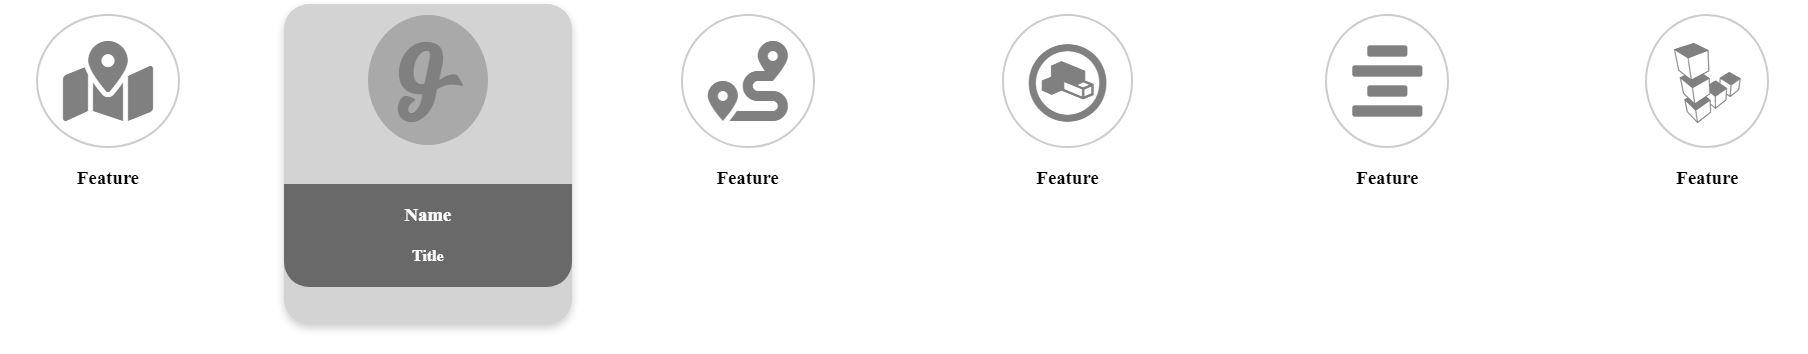 botones estilos